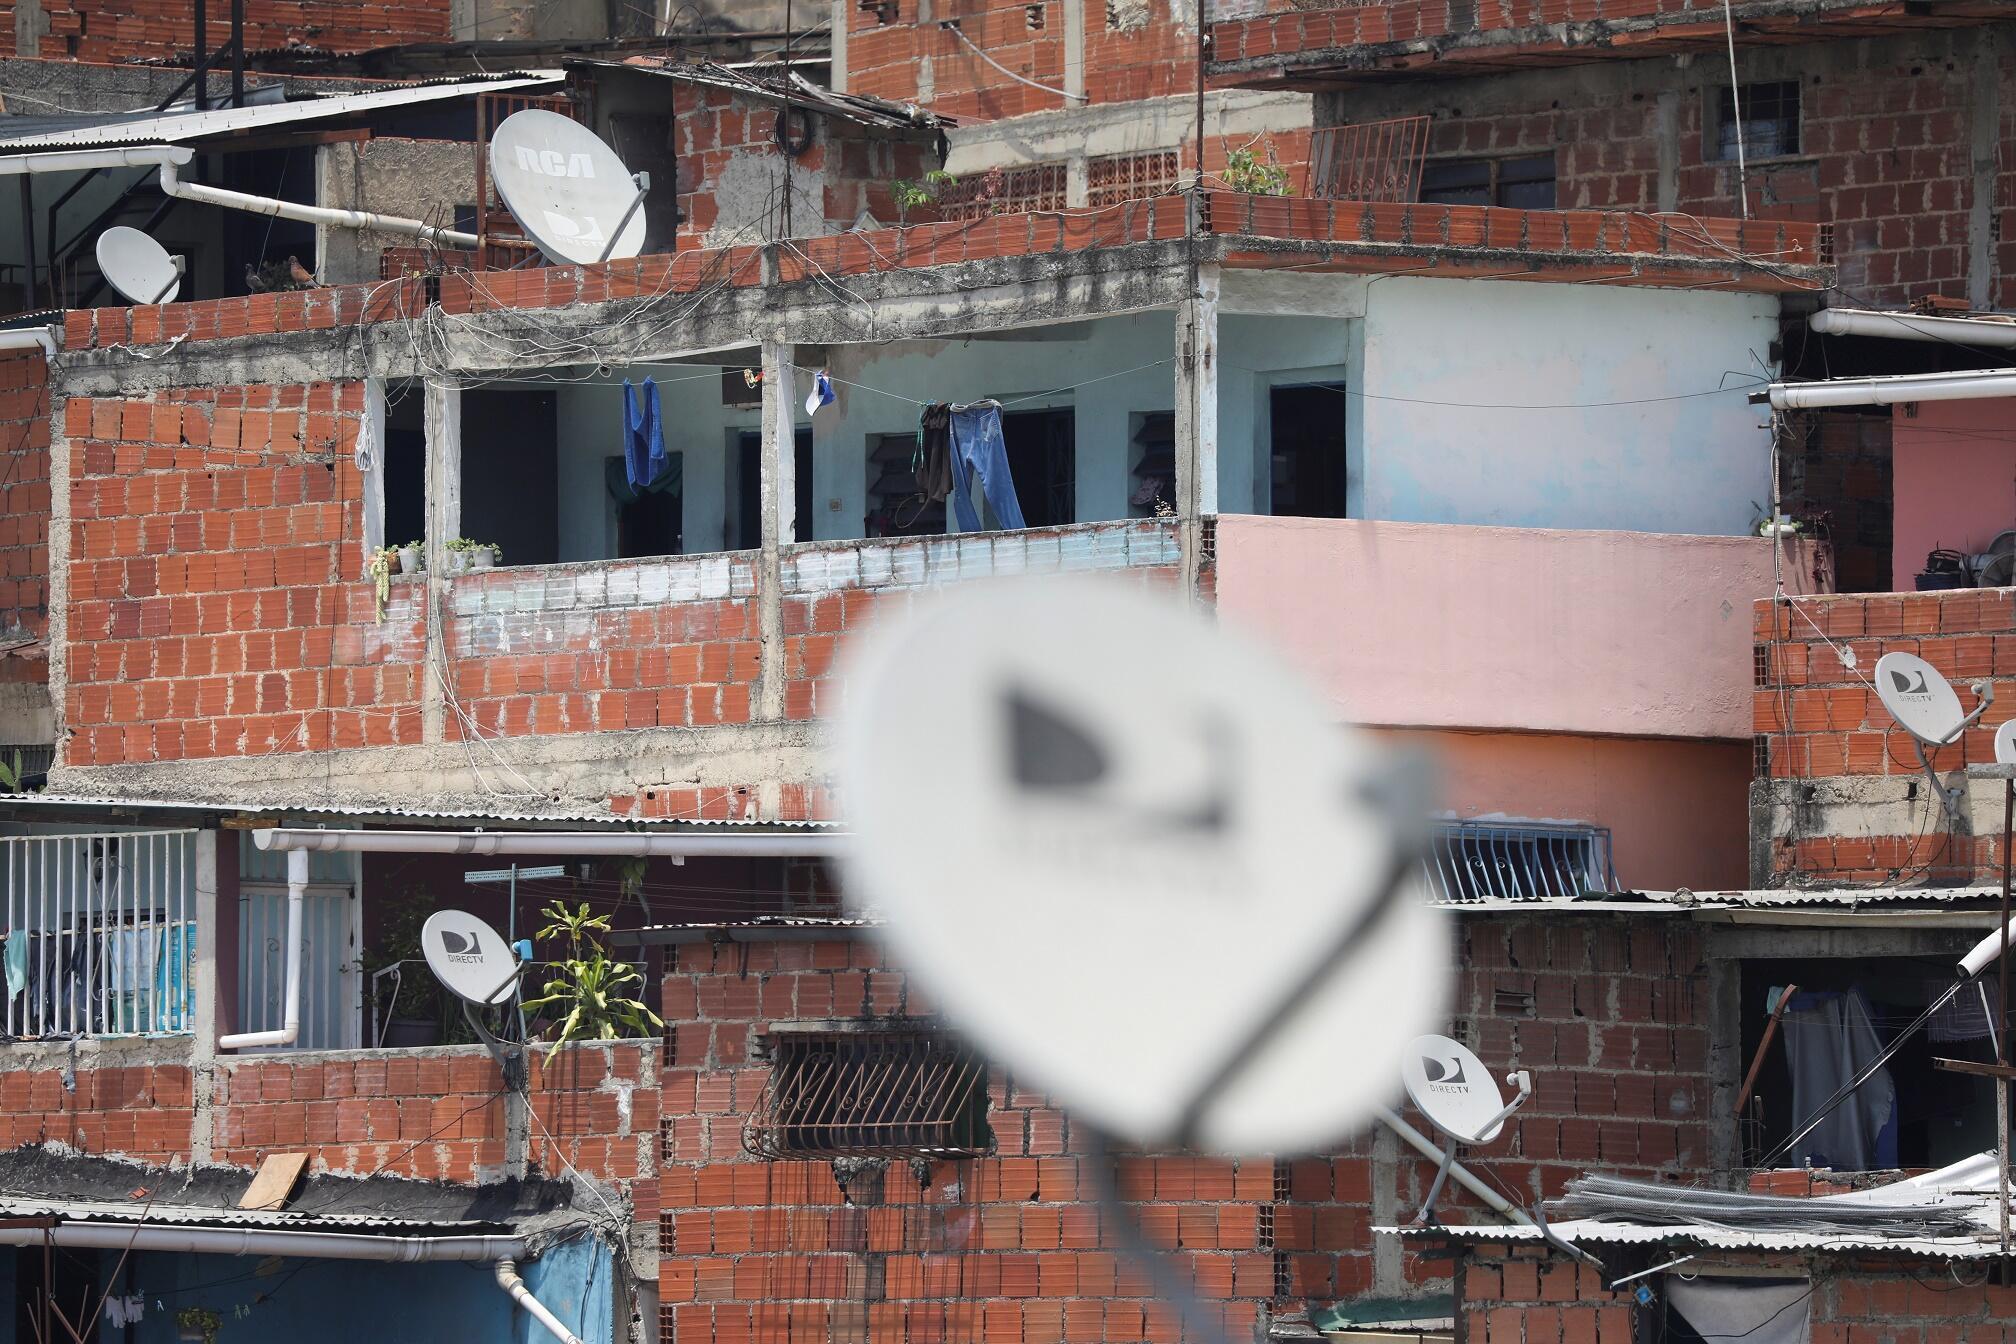 Paraboles dans les quartiers populaires de Caracas, au Venezuela. La chaîne DirecTV n'émet plus depuis mardi 19 mai 2020.